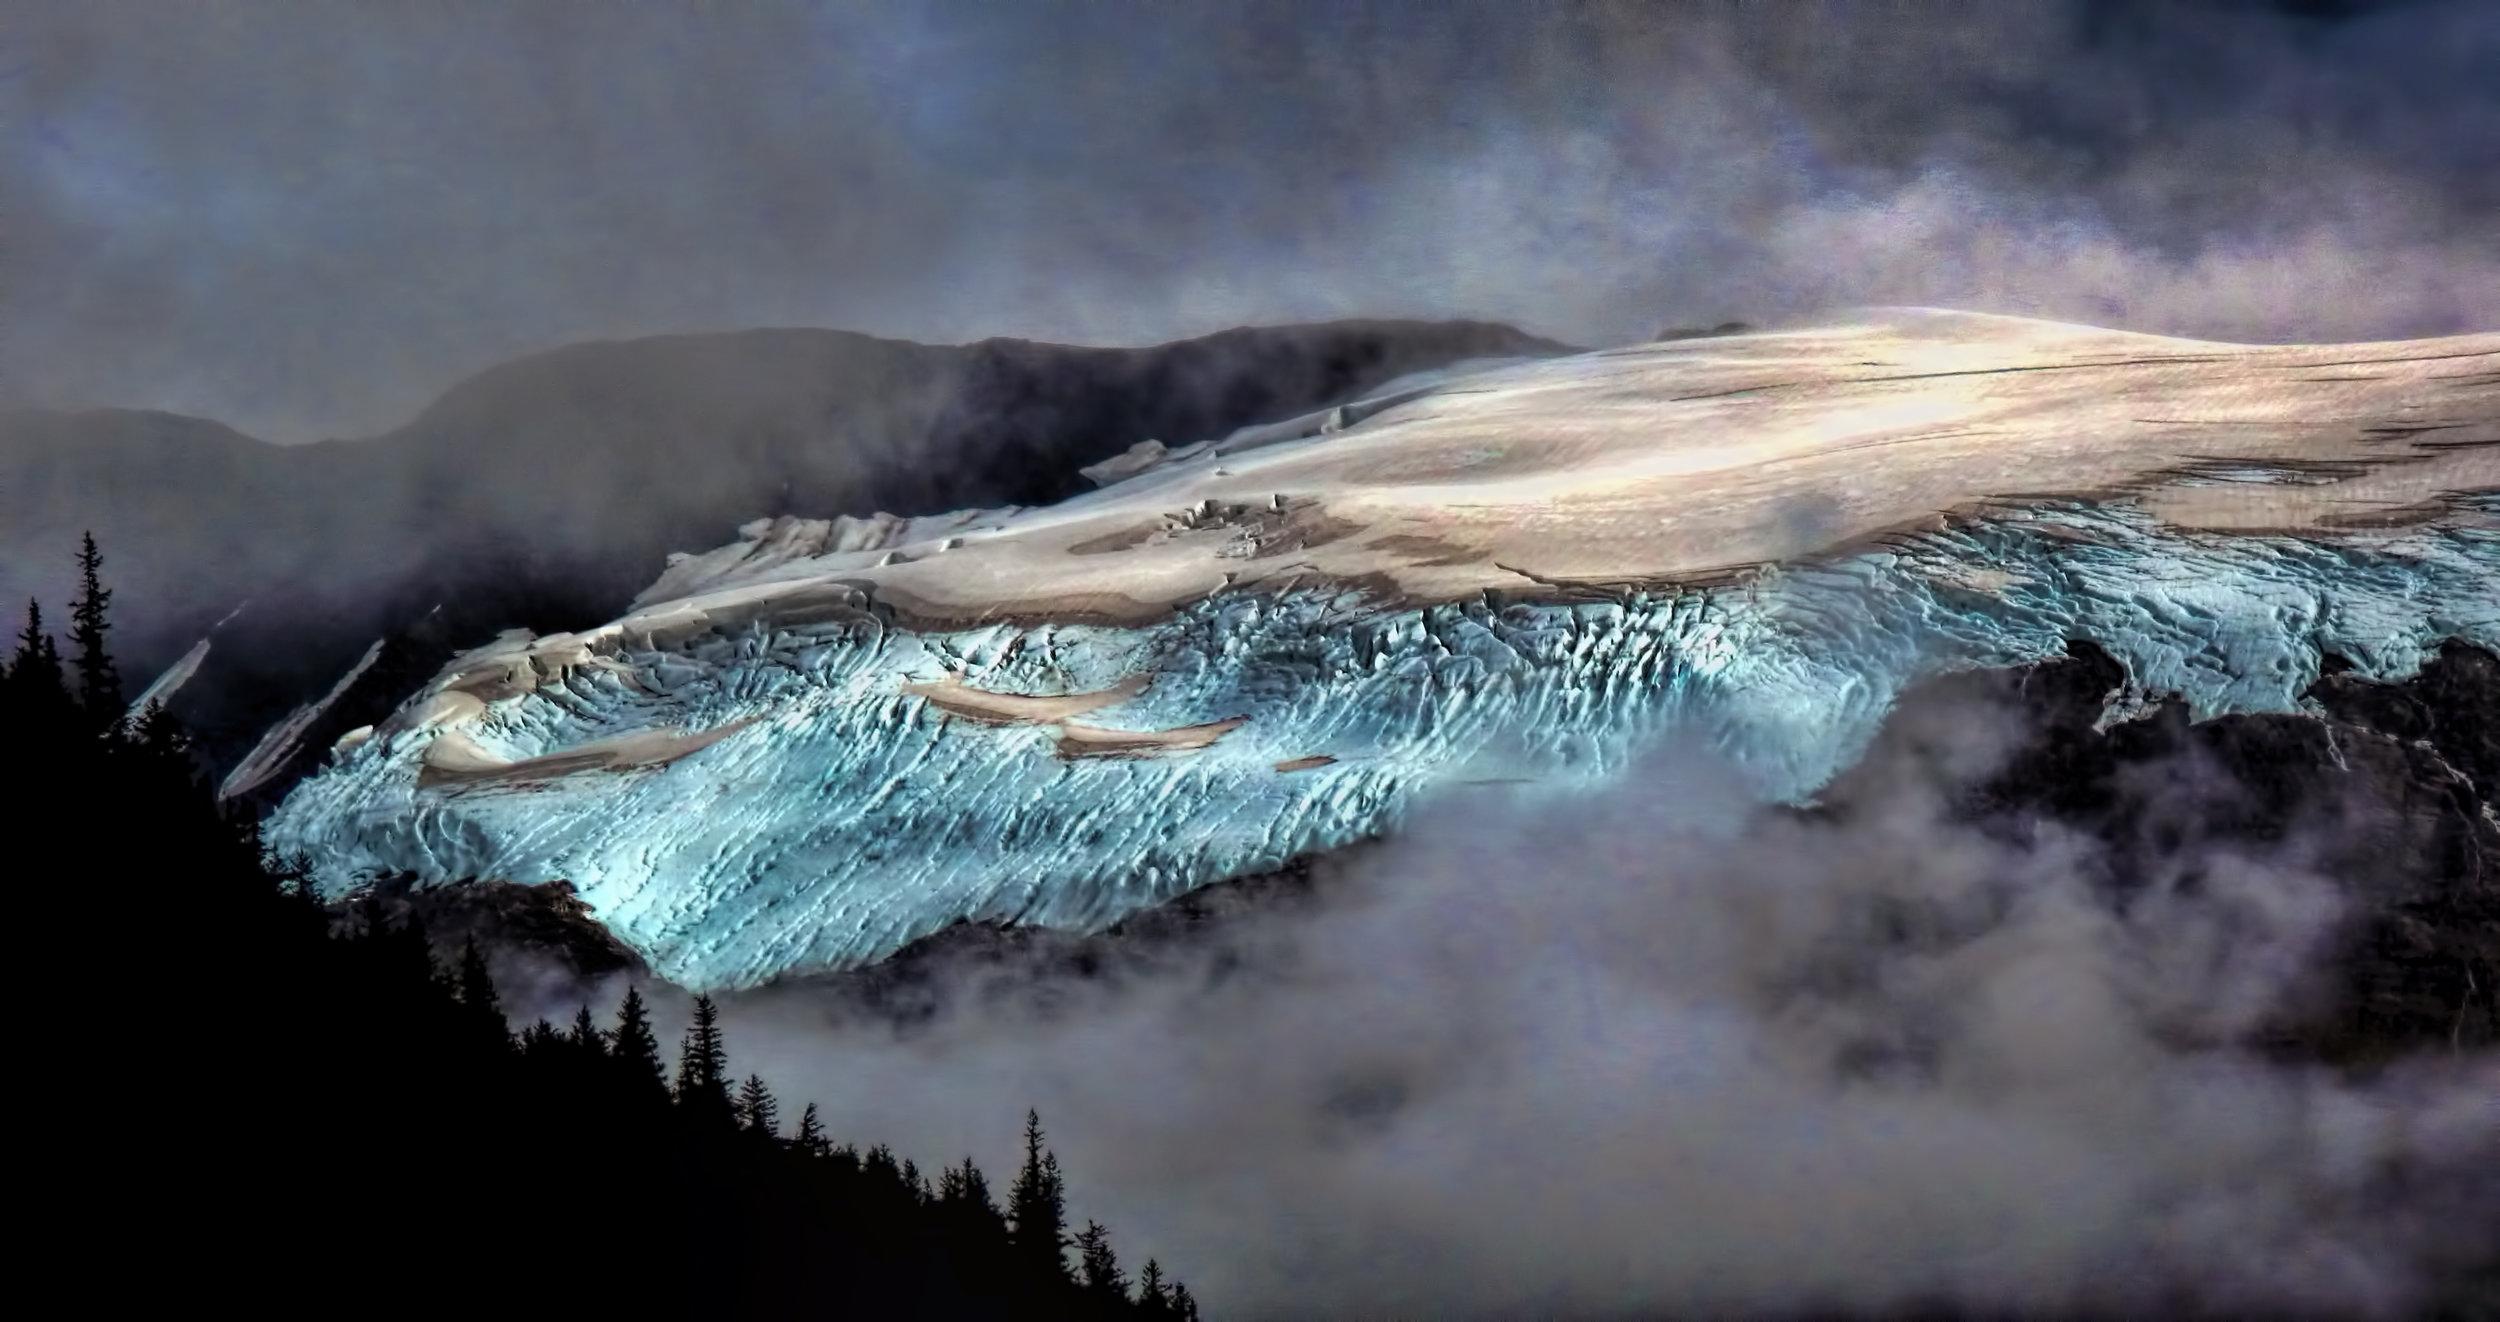 glacier near vistor center 5.jpg